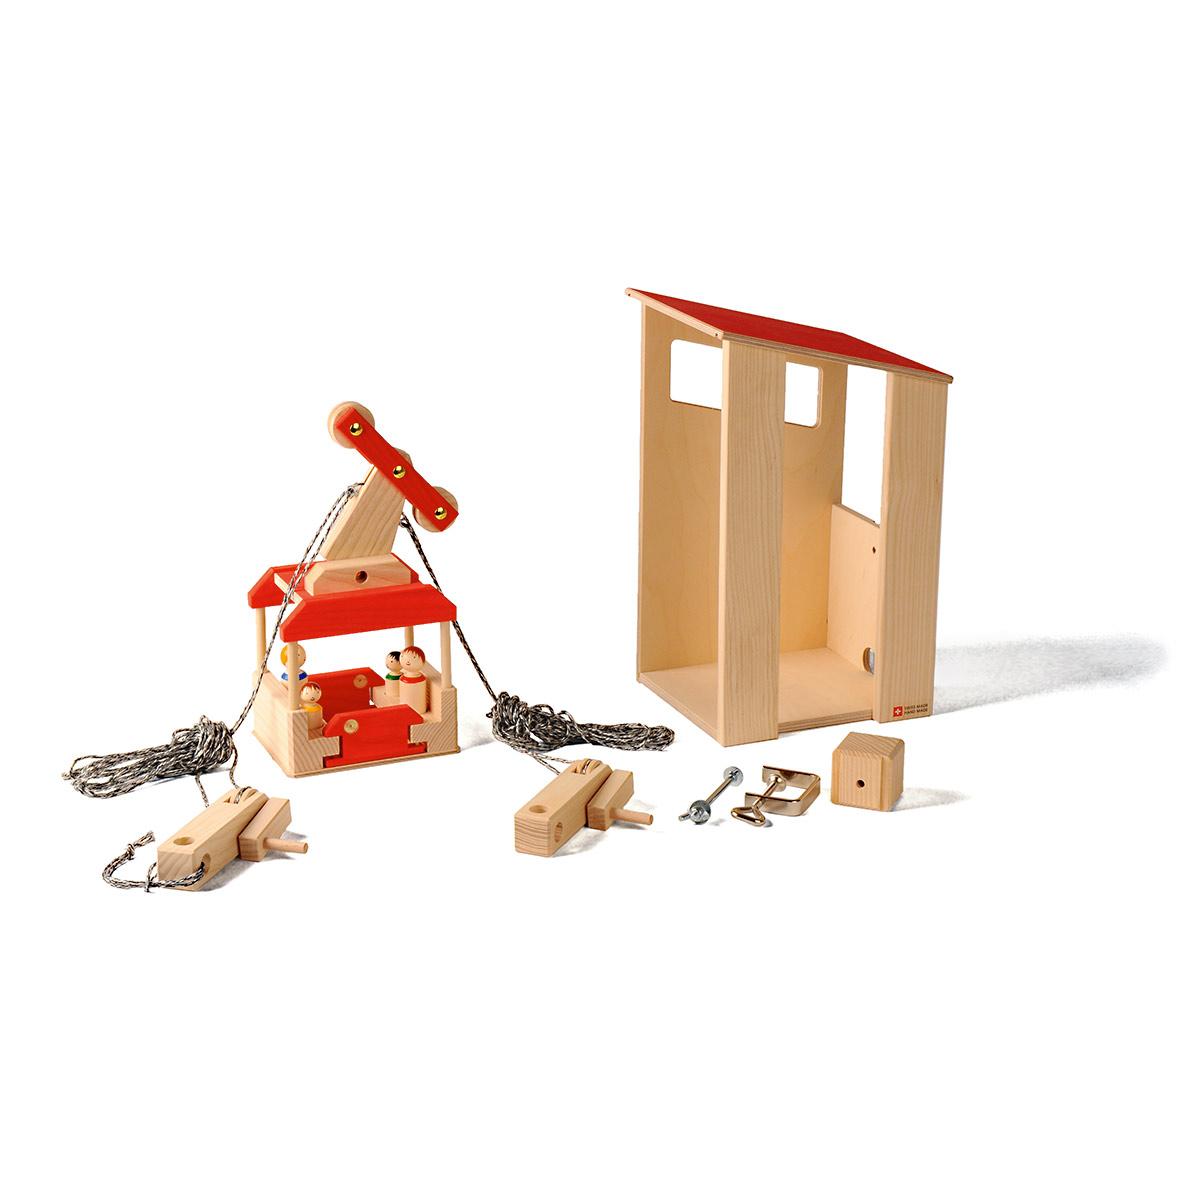 Kinderspielzeug Seilbahn-Set mit Station, Holz